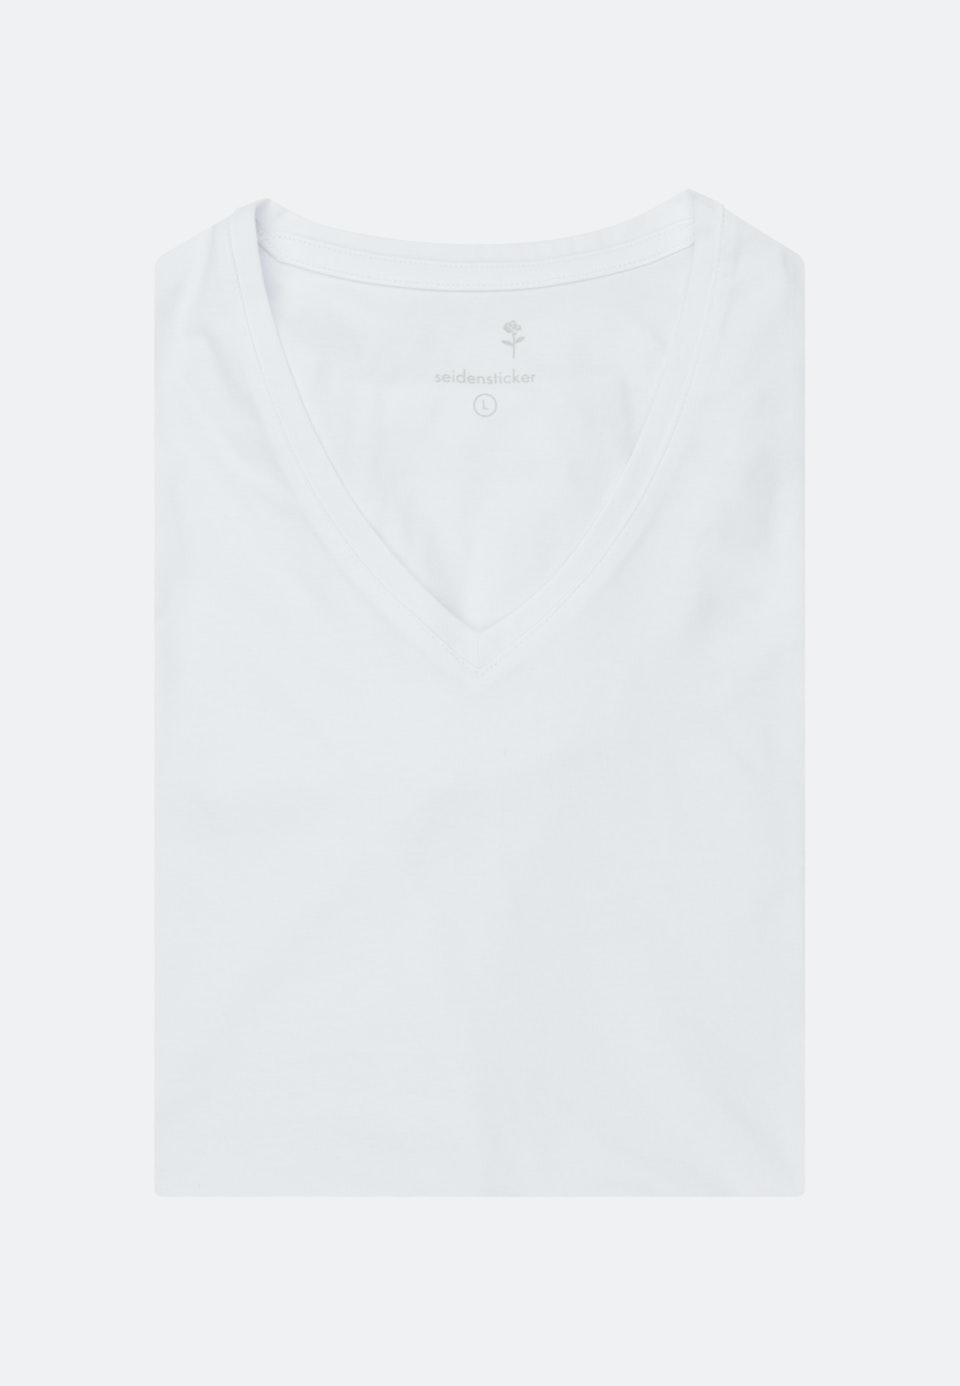 V-Neck T-Shirt aus Baumwollmischung in Weiß    Seidensticker Onlineshop